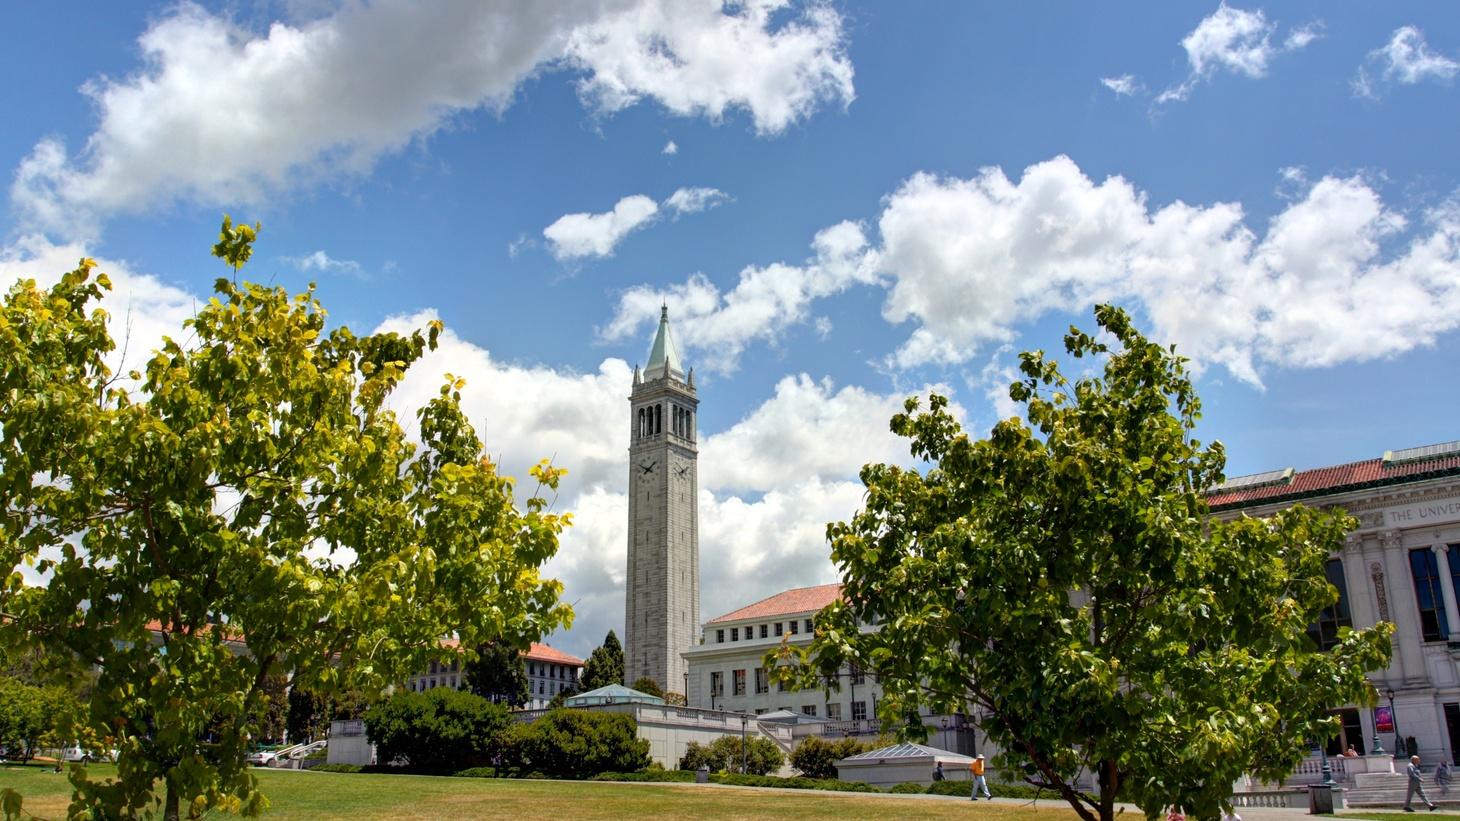 Scenes from UC Berkeley - Memorial Glade.